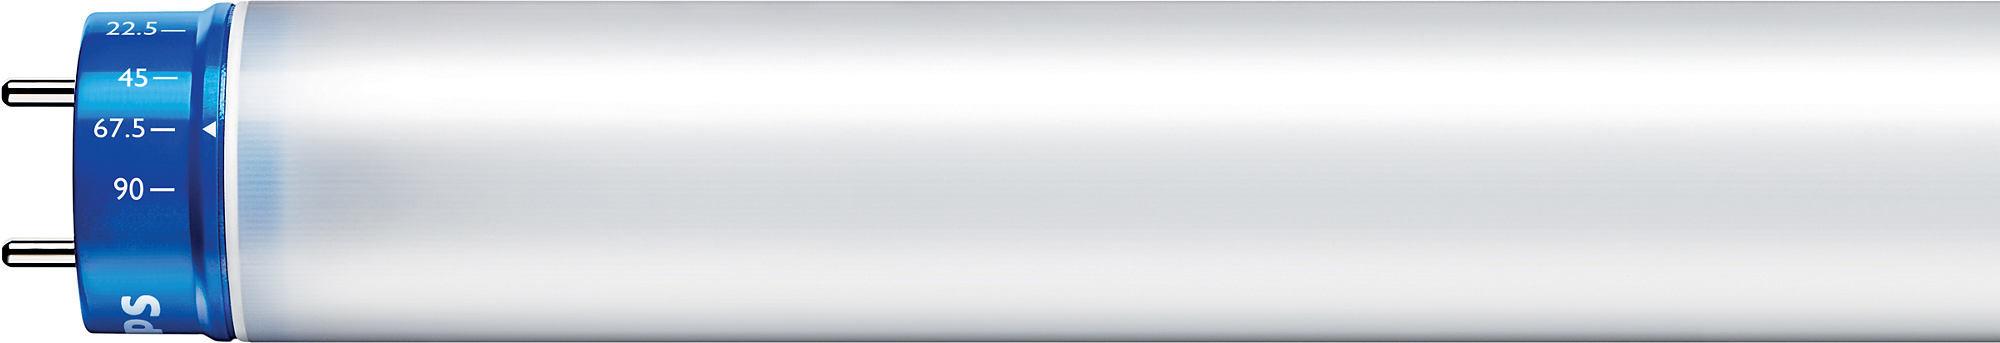 Philips MASTER LEDtube PERF 1500mm 31W 830 T8 I ROT